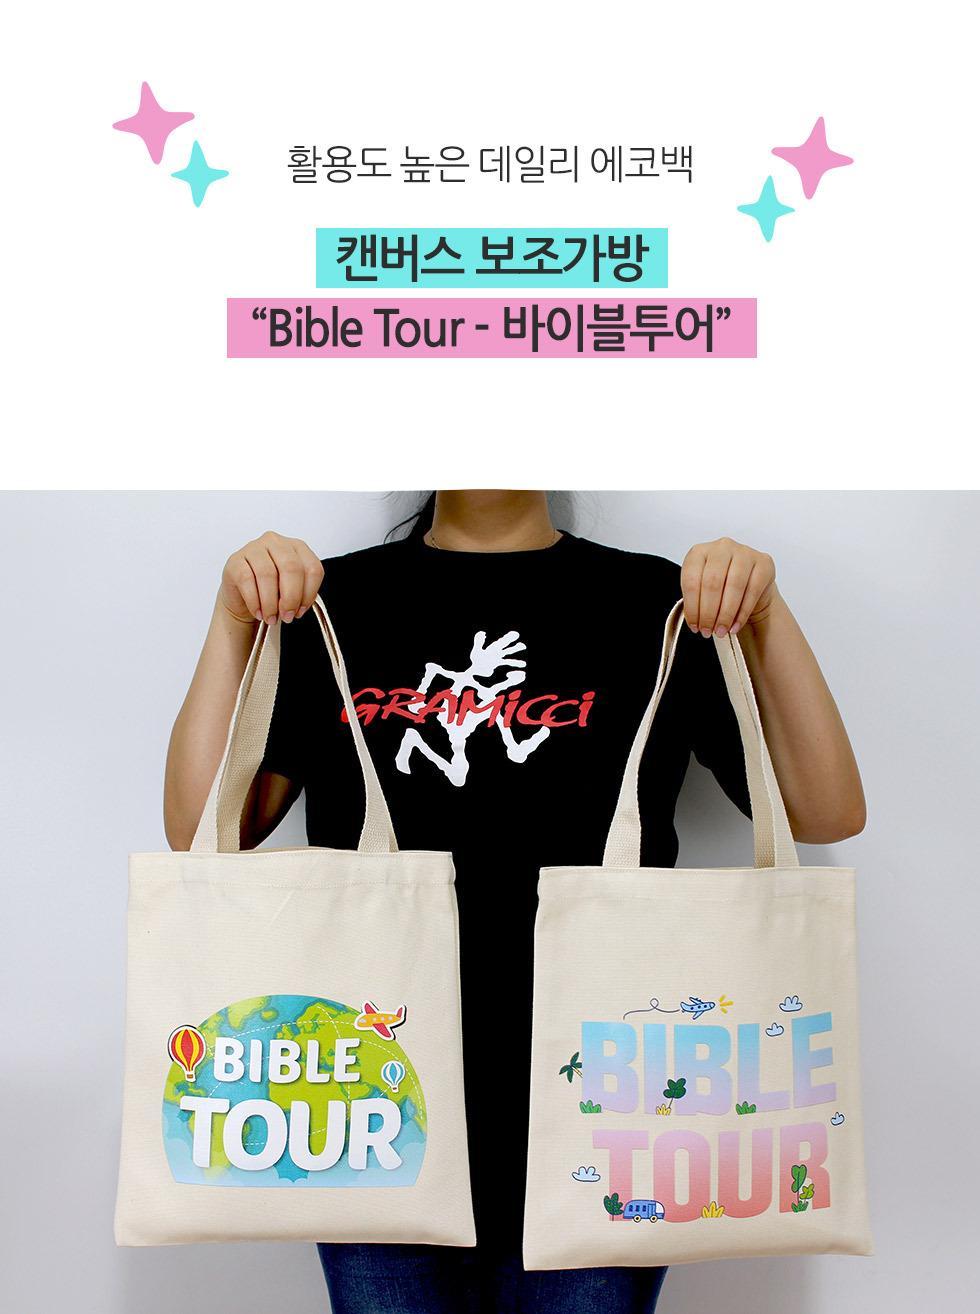 메시지 에코백 BIBLE TOUR (바이블투어) 말씀으로 새로워지는 여행, 예장통합 활용도높은 데일리에코백 캔버스 보조가방